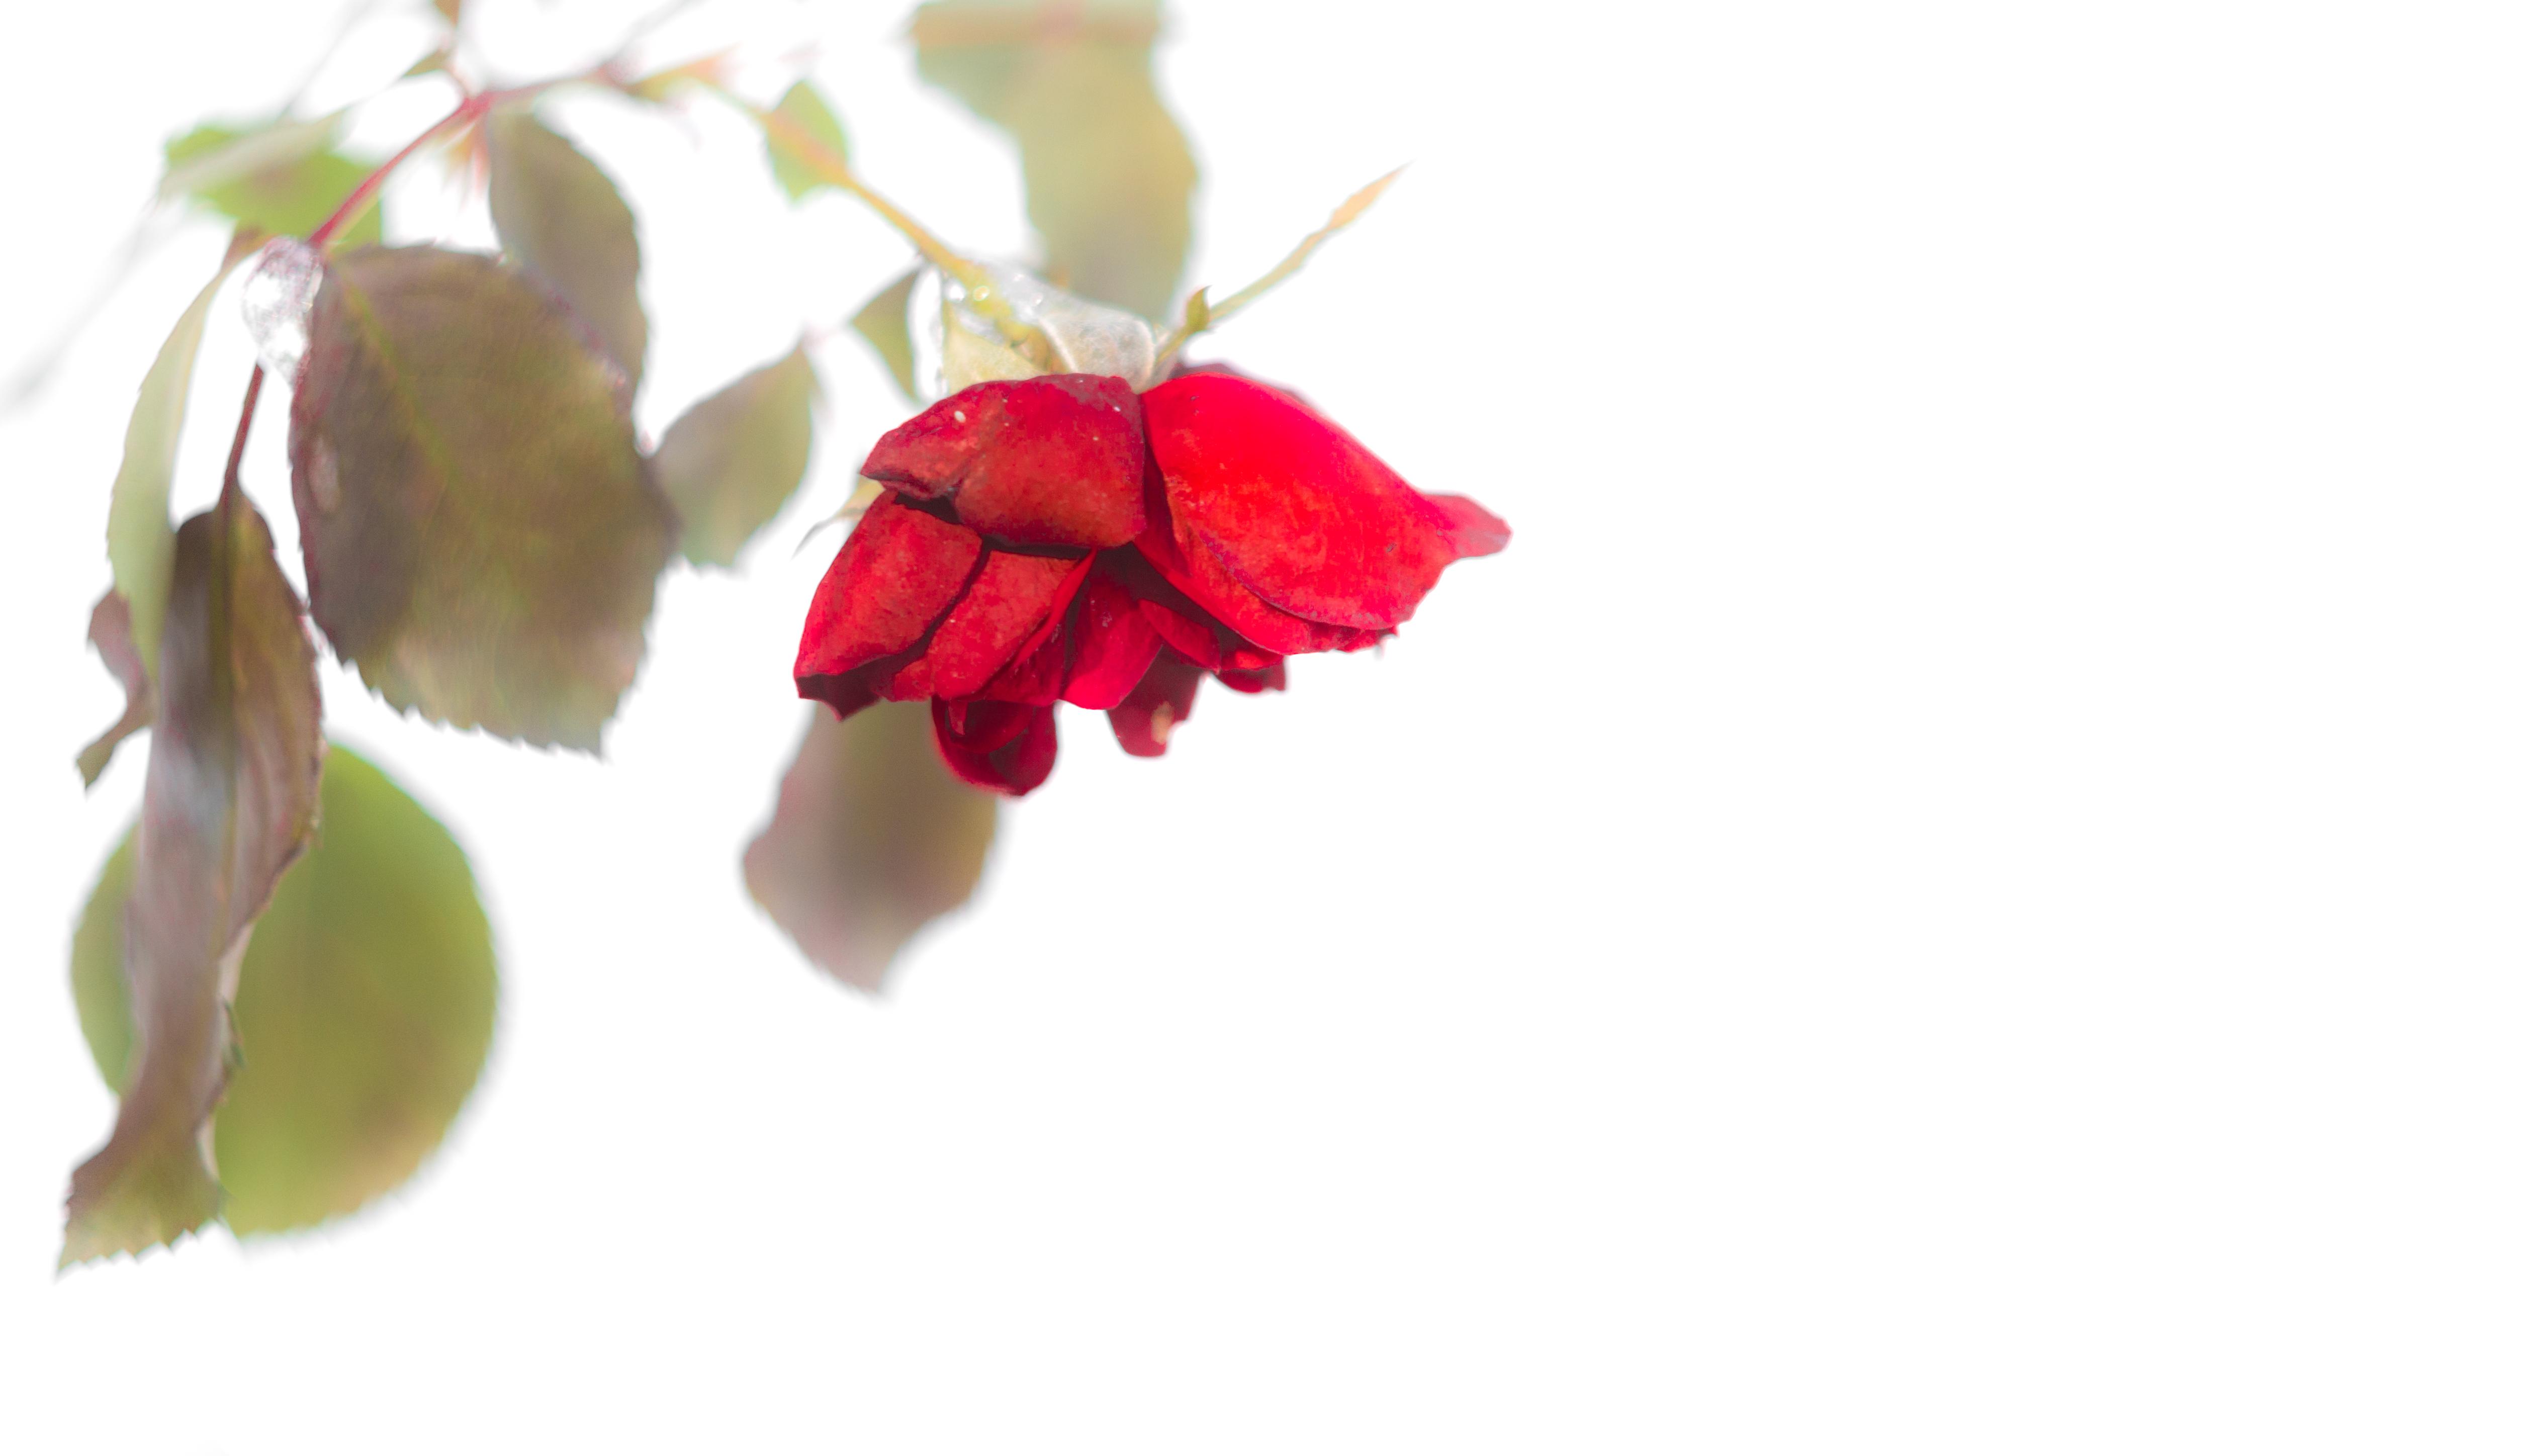 Hintergrundbilder : Blätter, Weiß, alt, Lebensmittel, Herz, rot ...